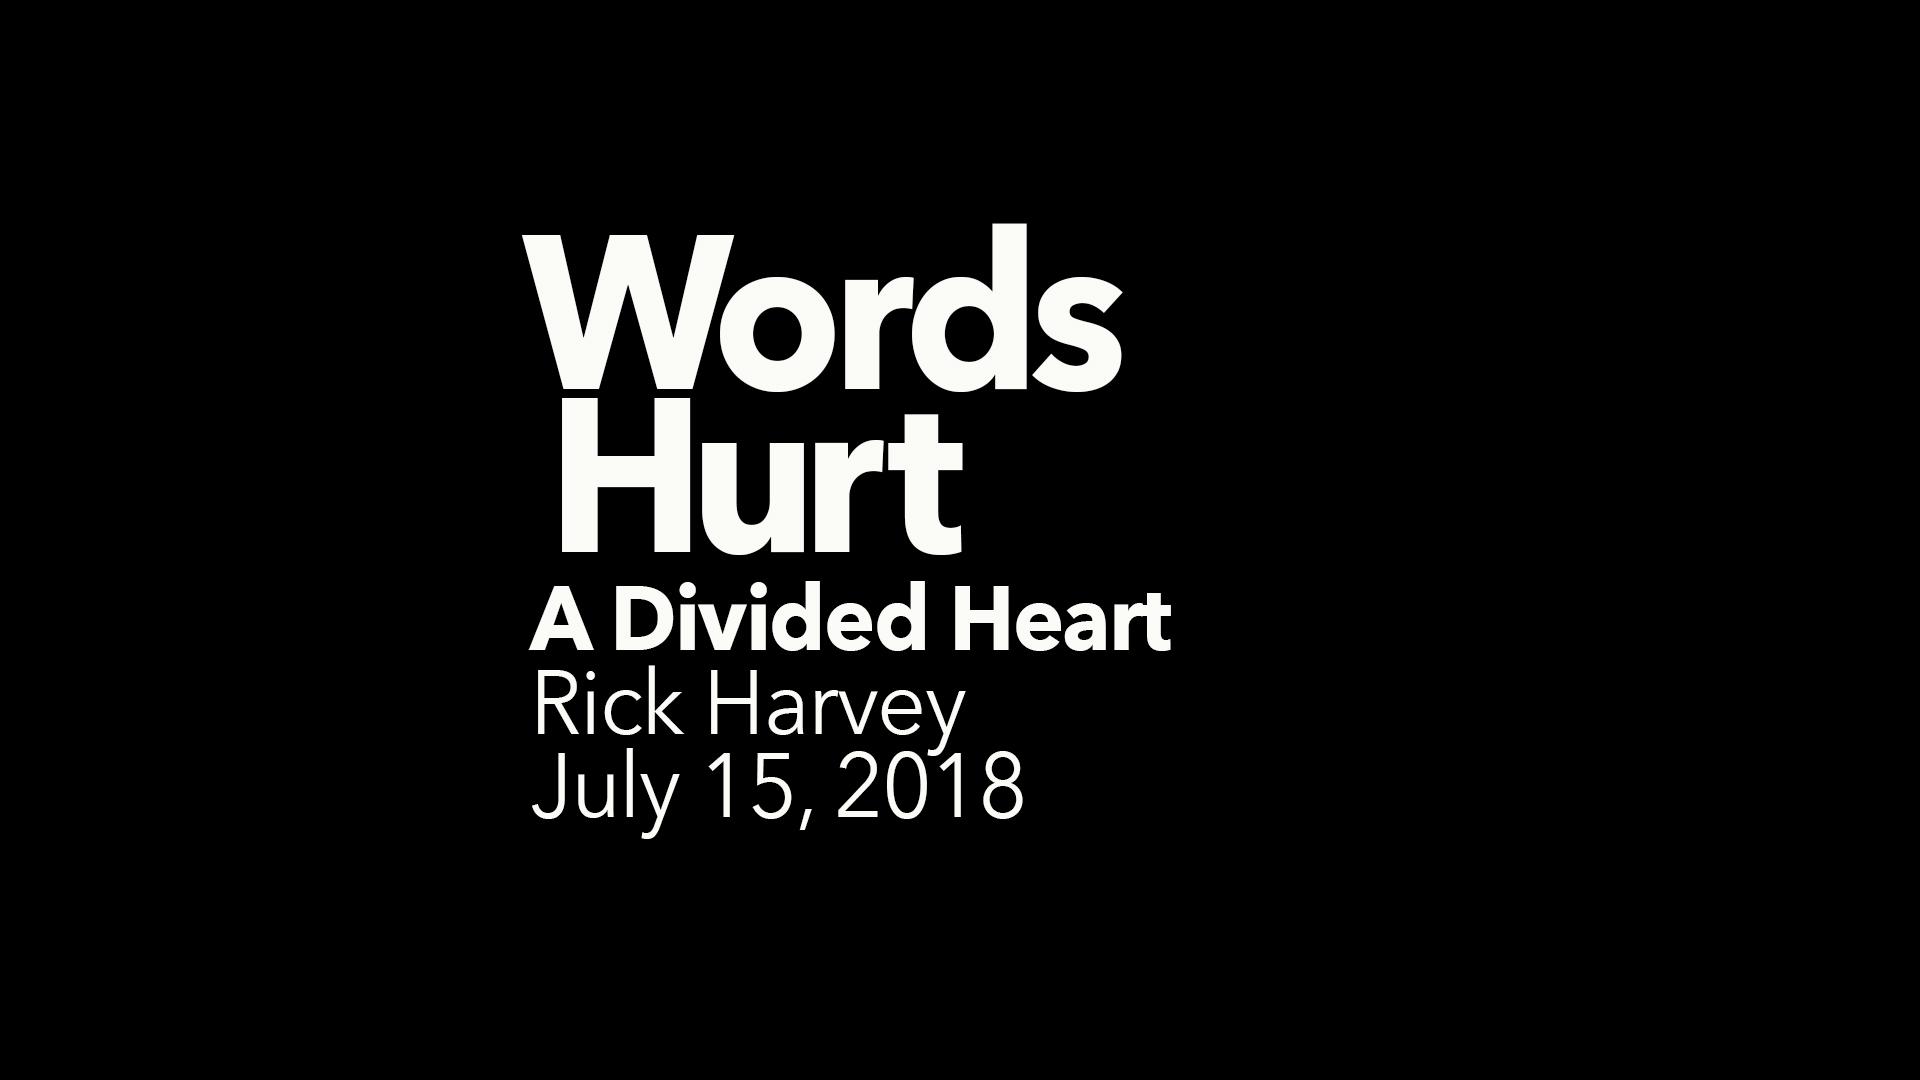 WordsHurt - Vimeo 7.15.jpg